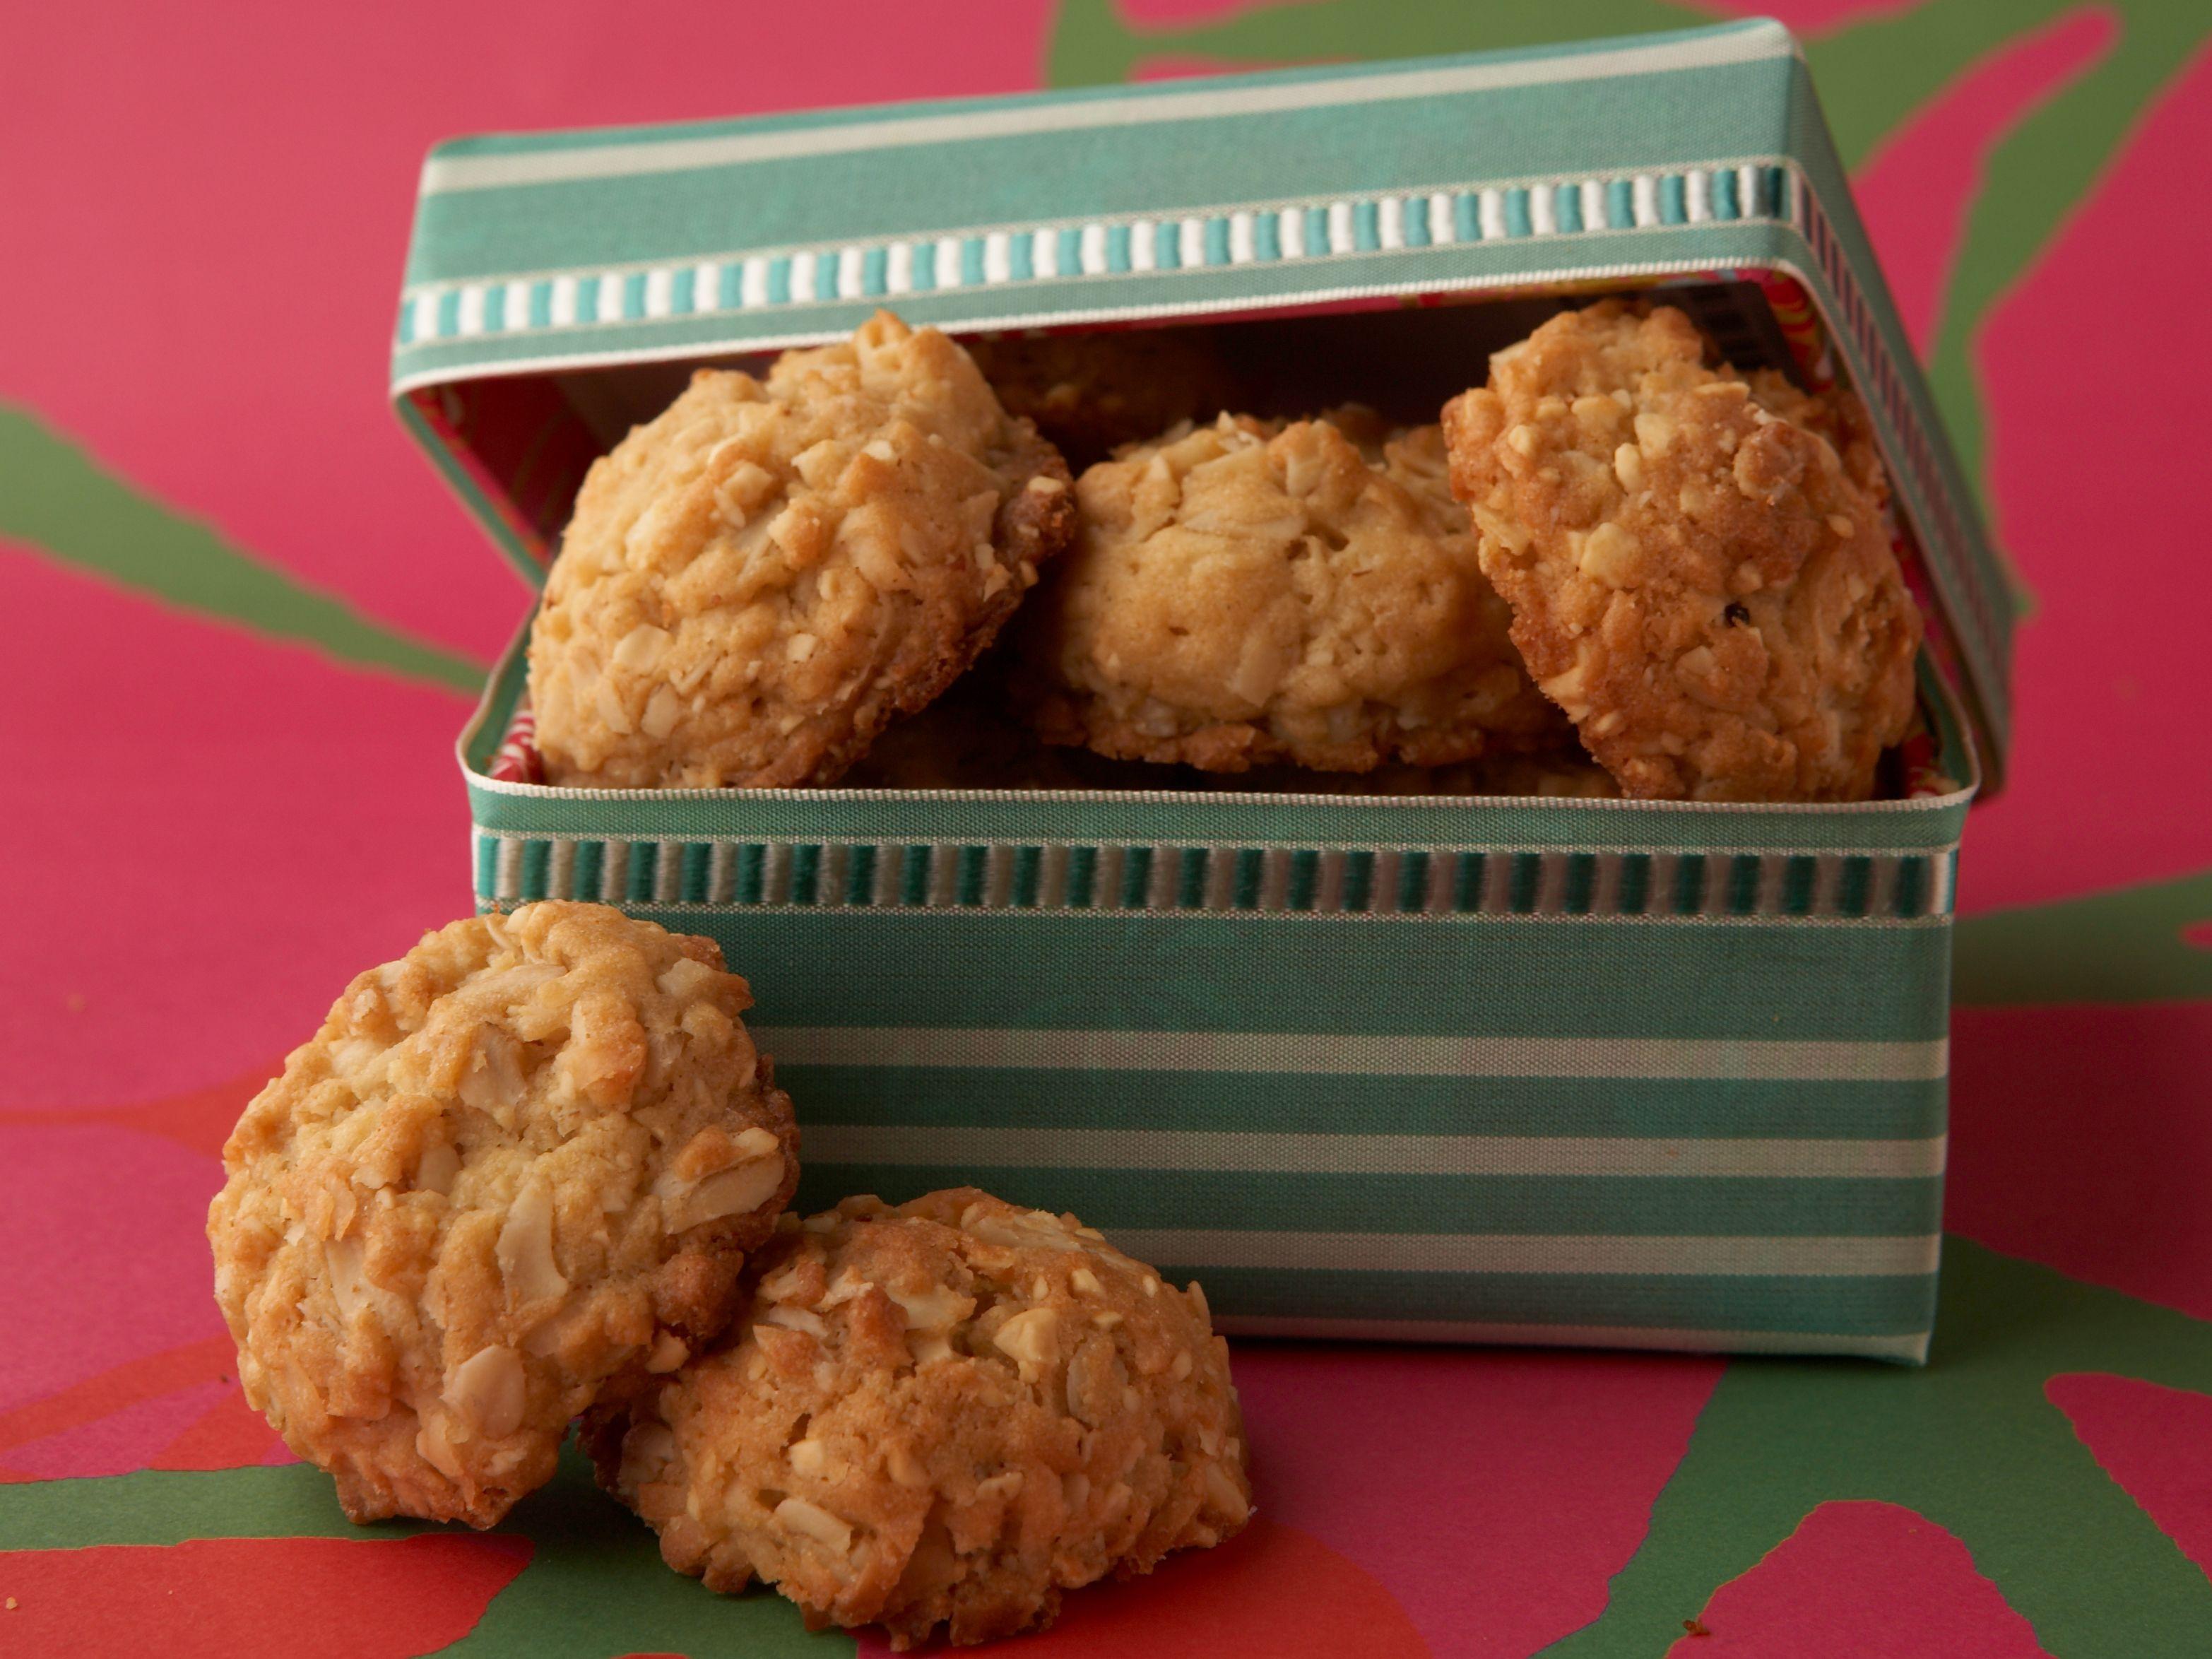 Coconut peanut cookies galletas maria costa rica receta coconut peanut cookies galletas maria costa rica receta deliciosos postres postres y recetas forumfinder Gallery